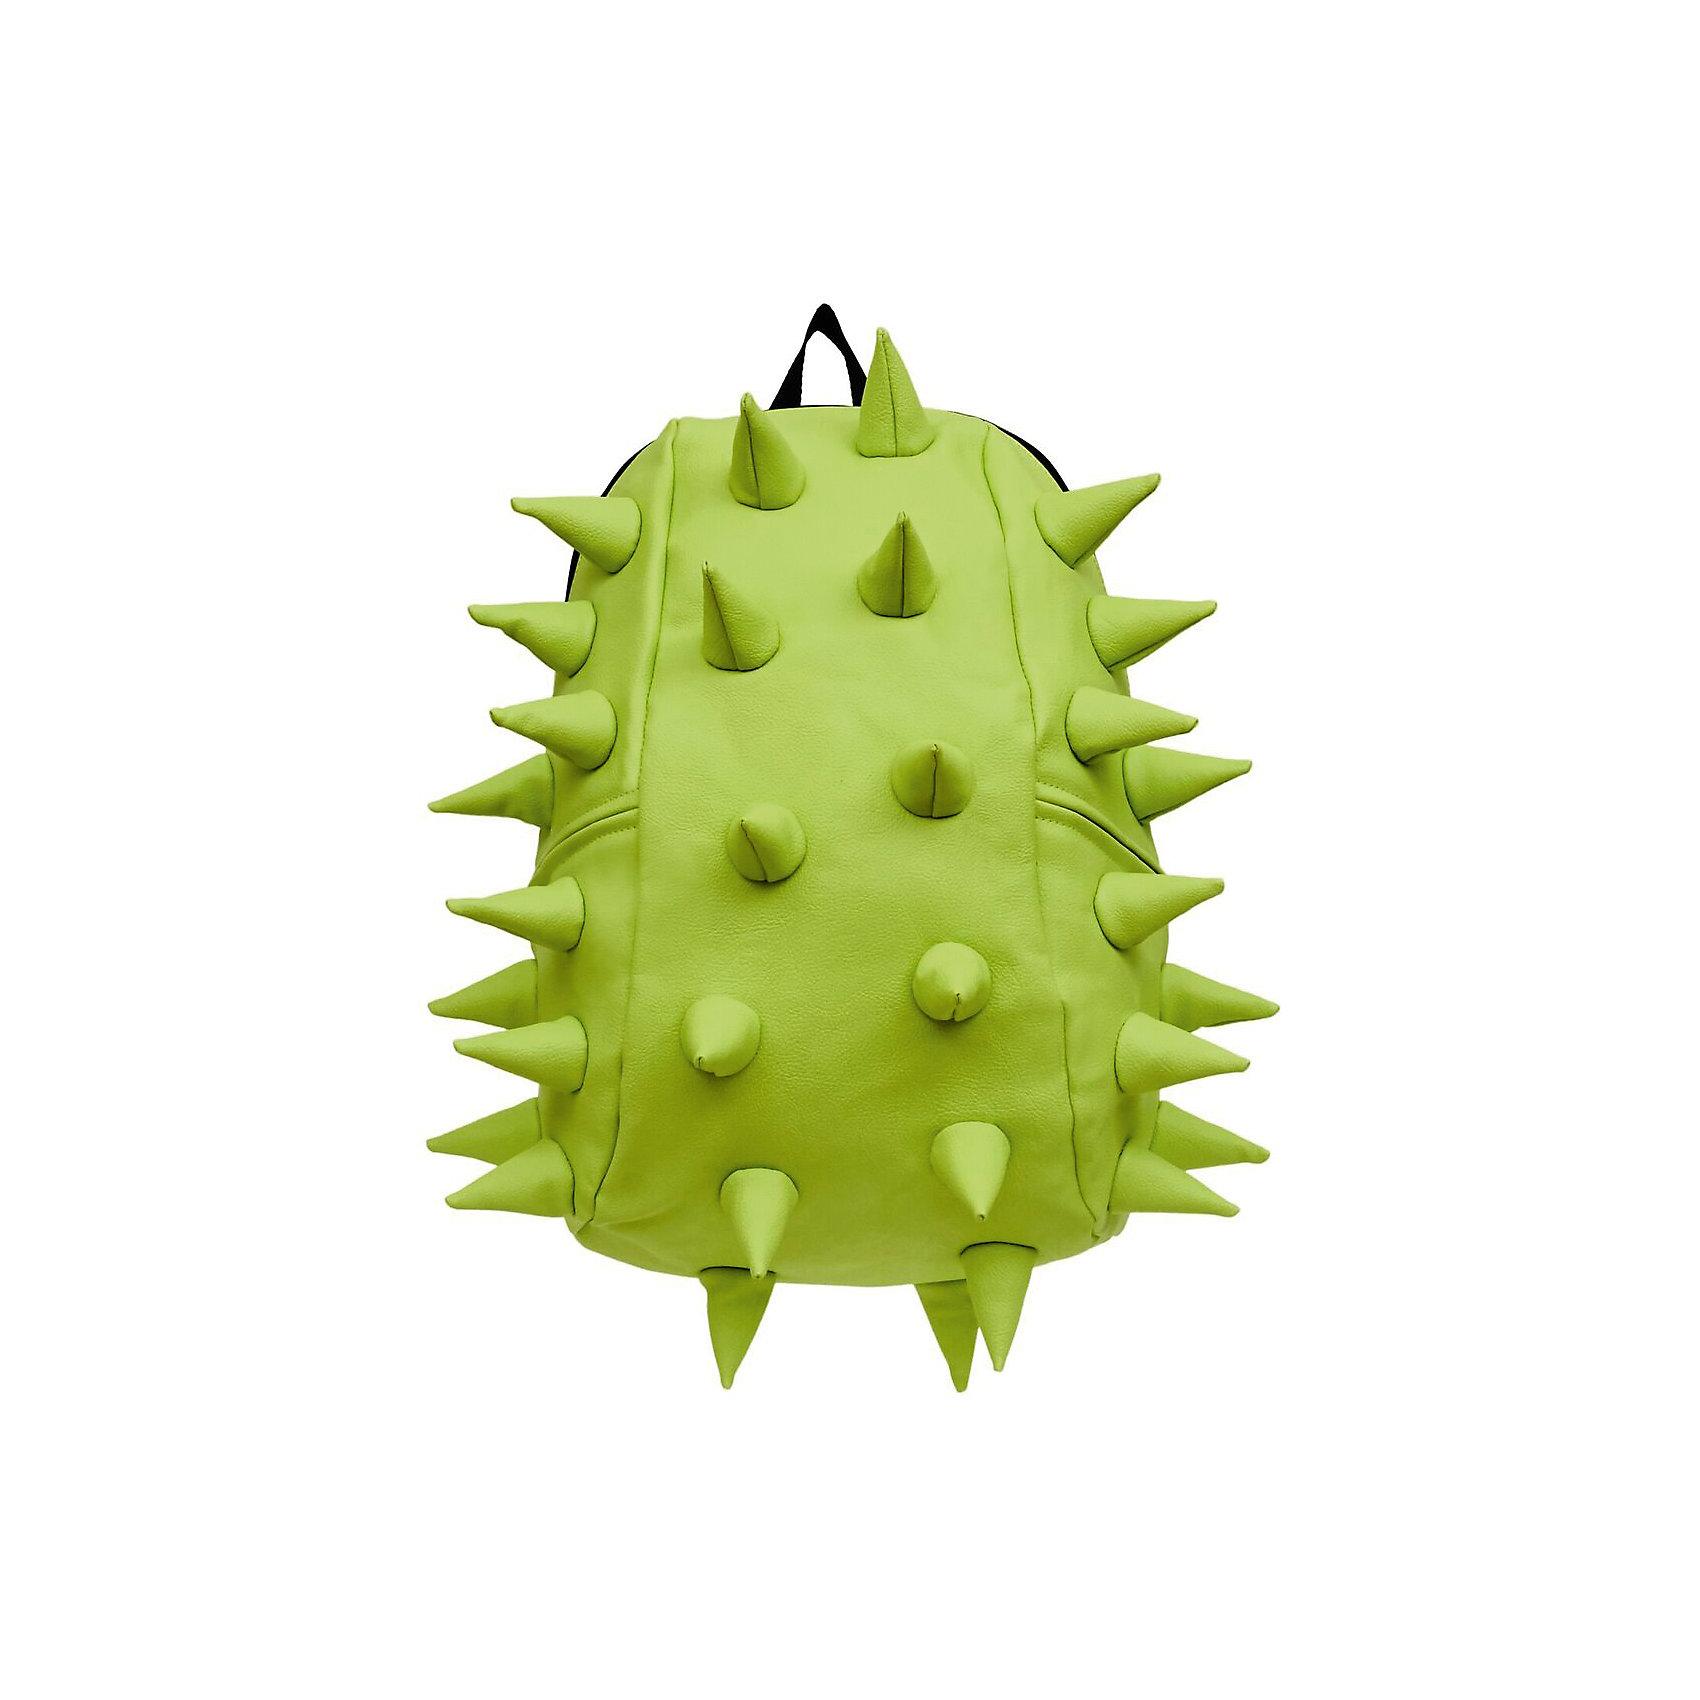 Рюкзак Rex 2 Full, цвет лаймРюкзаки<br>Характеристики товара:<br><br>• цвет: лайм / зененый;<br>• возраст: от 5 лет;<br>• вес: 0,8 кг;<br>• размер: 46х35х20 см;<br>• особенности модели: с пузырями;<br>• основное отделение на молнии;<br>• внутренний кармашек на молнии;<br>• мягкие регулируемые по высоте лямки;<br>• спинка имеет ортопедическую форму;<br>• два дополнительных боковых кармана на молнии;<br>• материал: полиуретан;<br>• страна бренда: США;<br>• страна изготовитель: Китай.<br><br>Удобный и стильный рюкзак Madpax Rex 2 Full непременно понравится школьникам. Малый вес рюкзака позволяет ребенку носить с собой все необходимое для учебы, при этом не перегружая позвоночник. <br><br>Мягкие ремни регулируются в зависимости от роста ребенка, несколько отделений, проветриваемая спинка и дополнительные карманы делают рюкзак максимально комфортным. <br><br>Рюкзак «Rex 2 Full» можно купить в нашем интернет-магазине.<br><br>Ширина мм: 460<br>Глубина мм: 350<br>Высота мм: 200<br>Вес г: 800<br>Возраст от месяцев: 60<br>Возраст до месяцев: 720<br>Пол: Унисекс<br>Возраст: Детский<br>SKU: 7054064